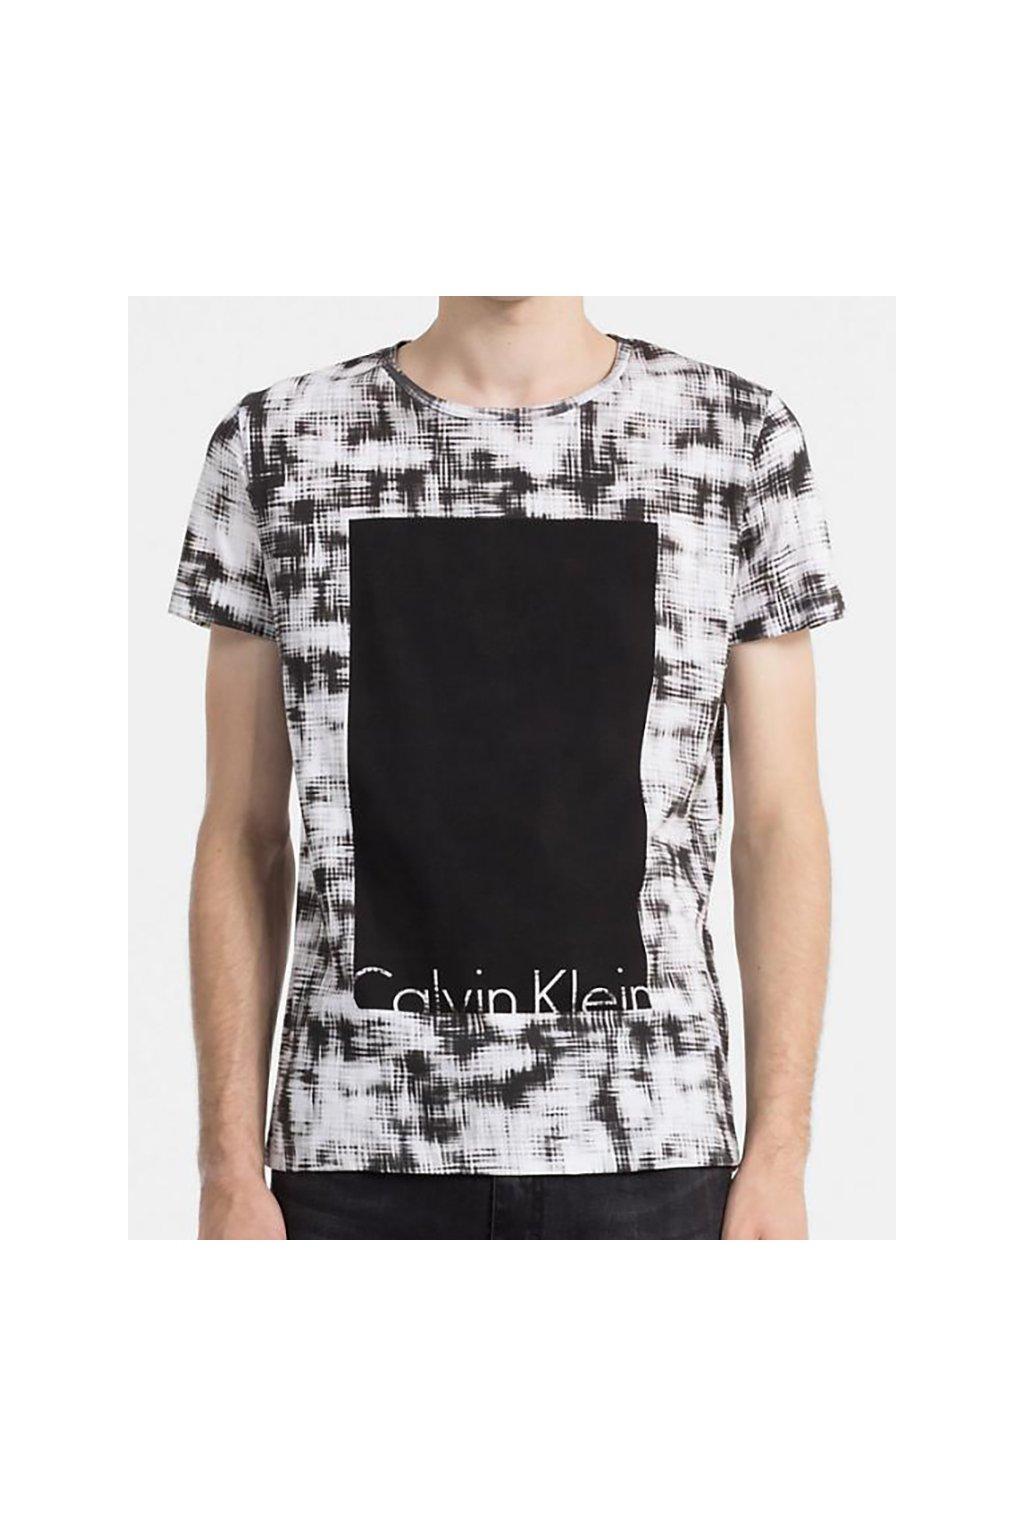 Pánské tričko Calvin Klein žíhané